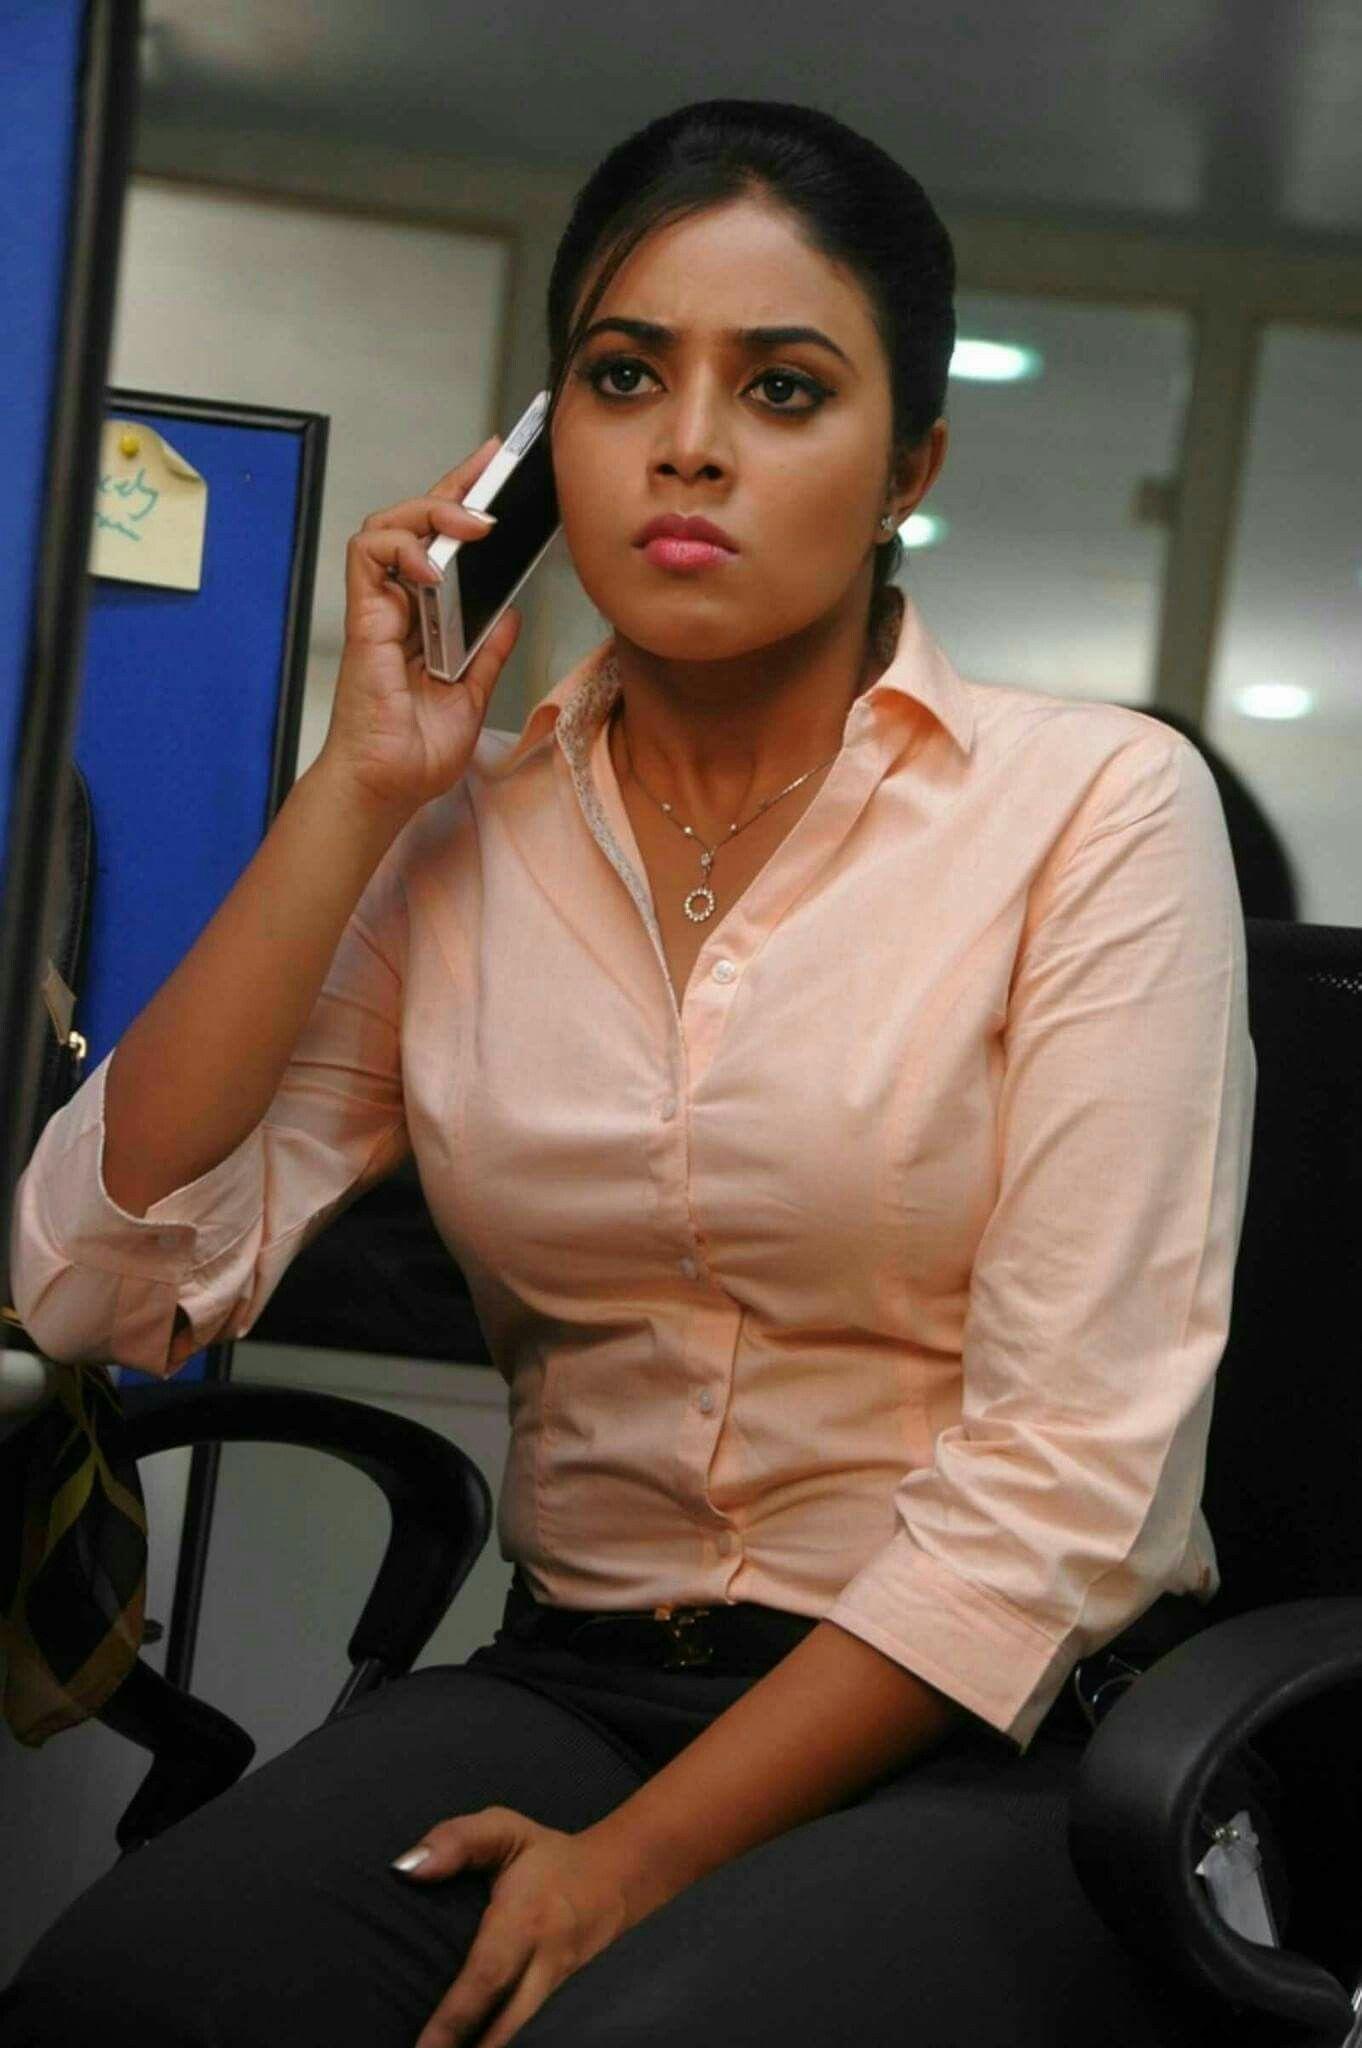 All Indian Actress Nude Photos pinjai kumar on poorna in 2020 | south indian actress